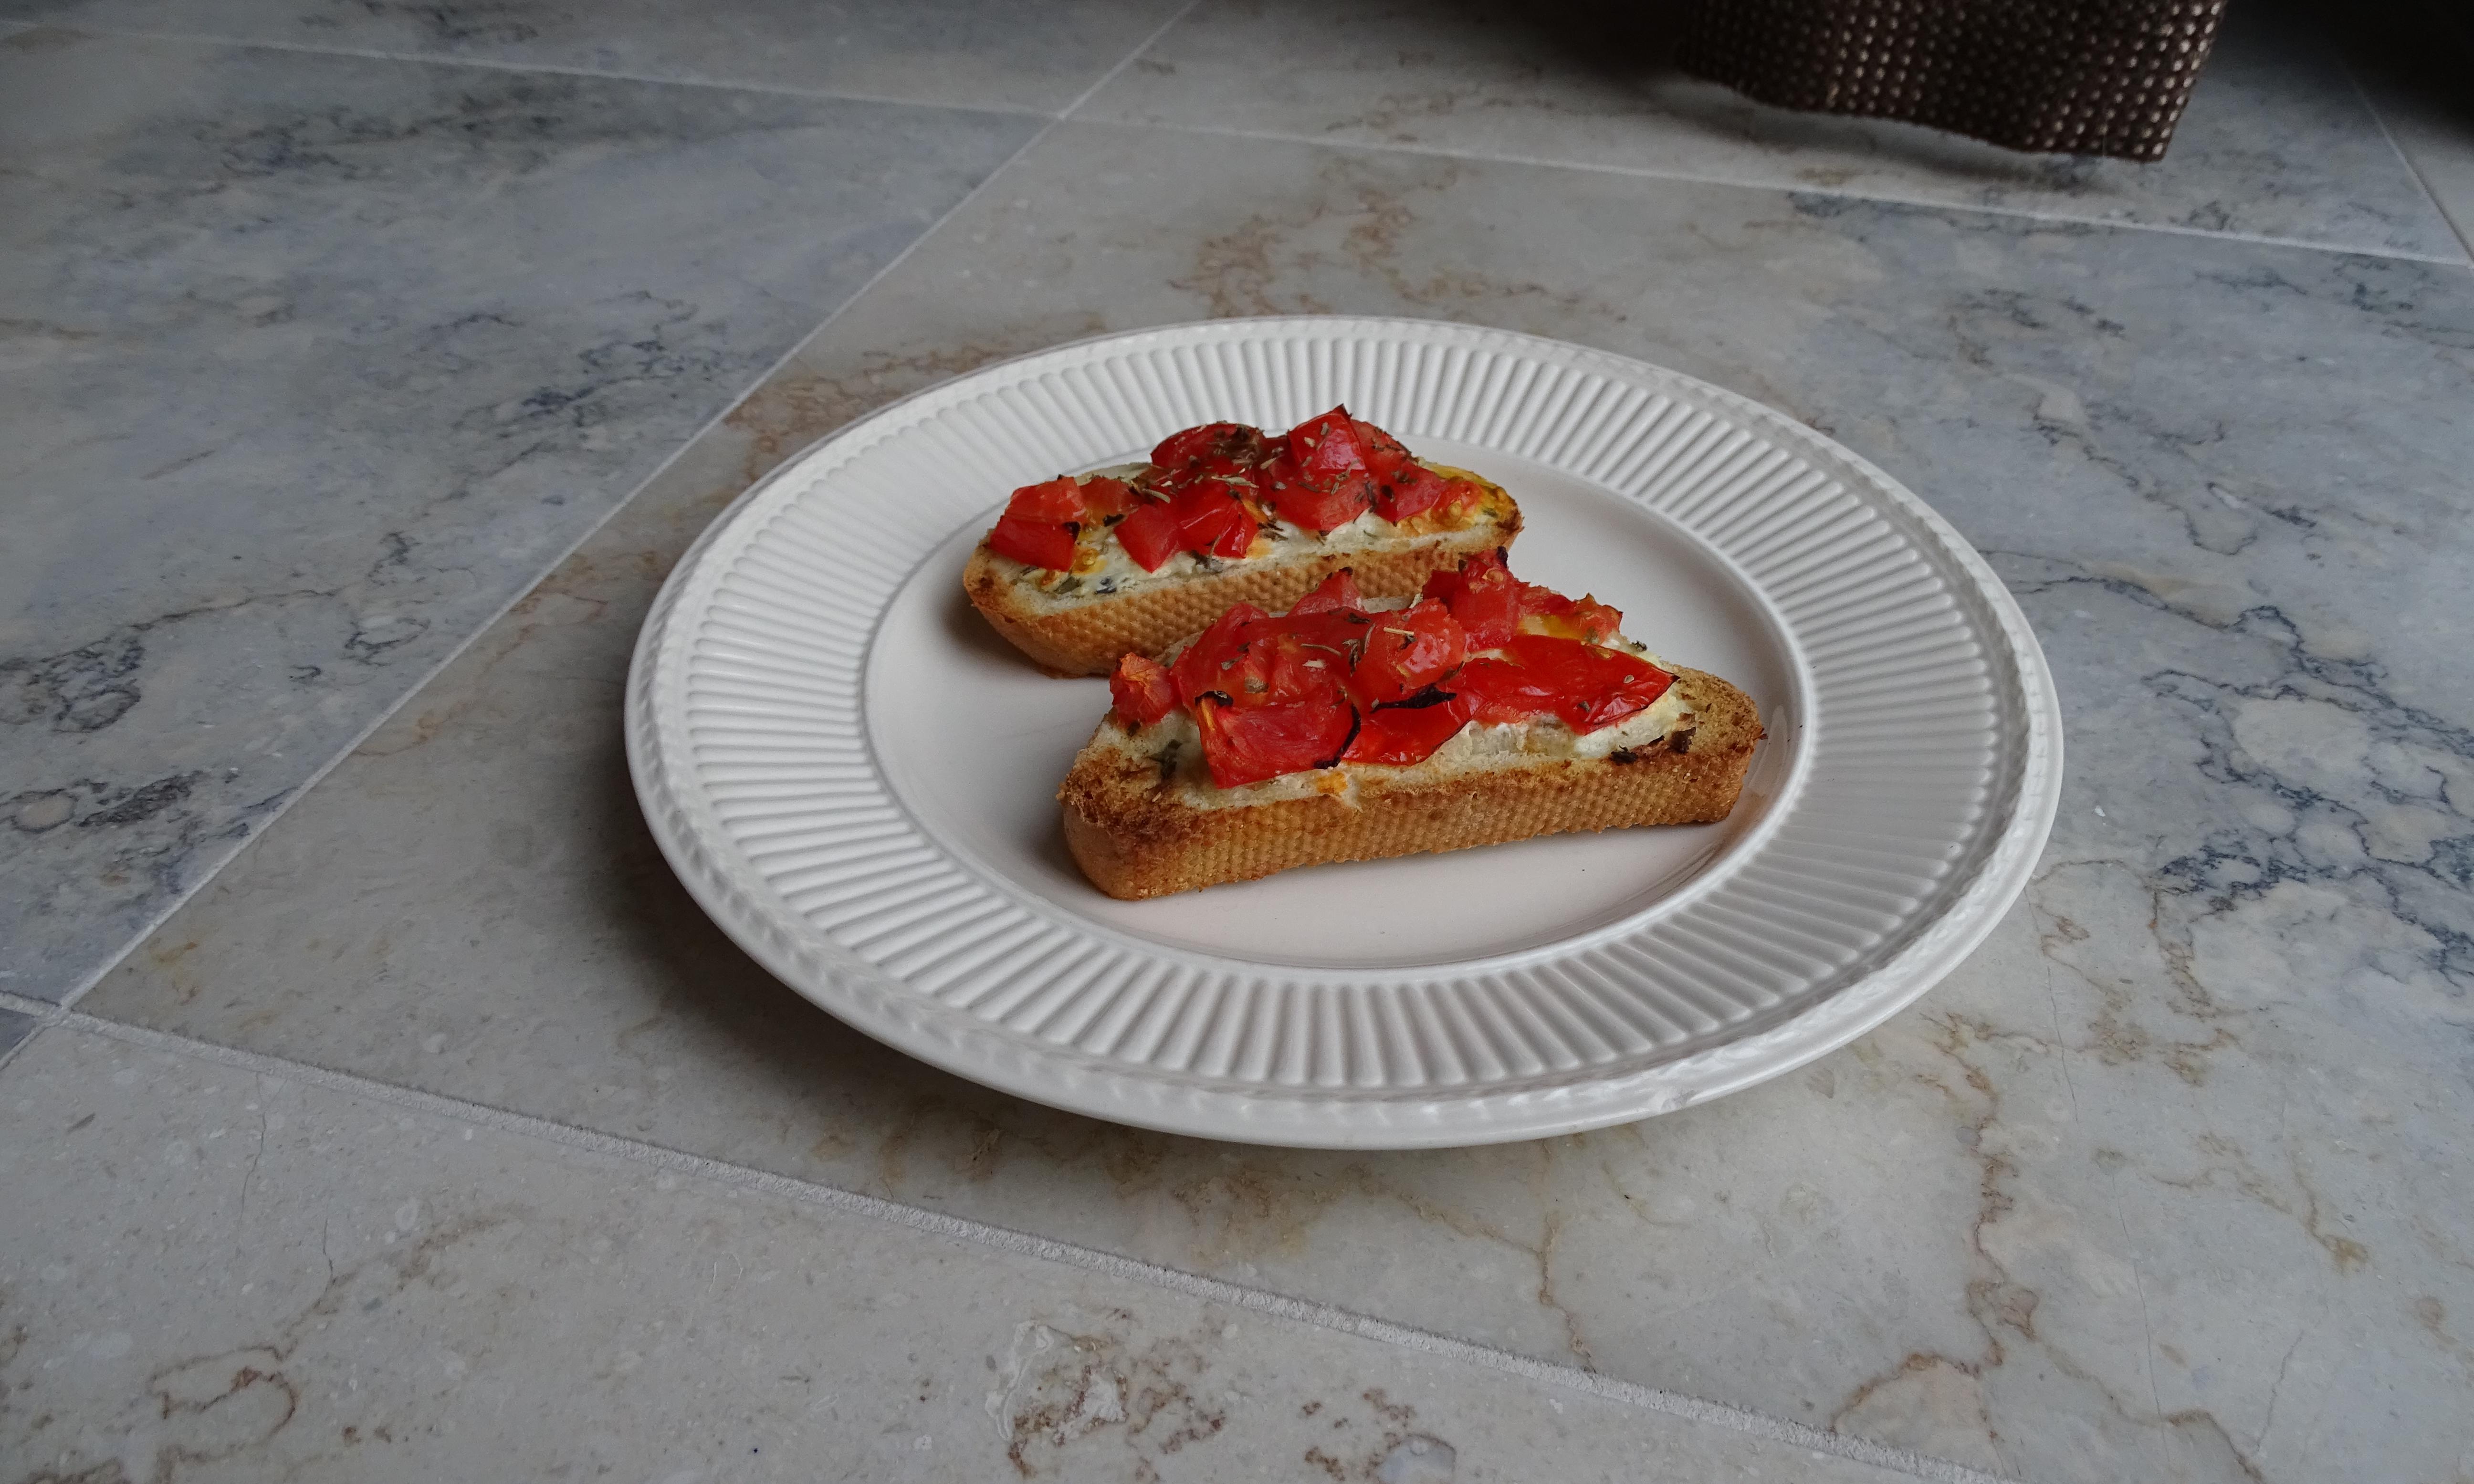 Bruchetta, crostini belegd met gemarineerde en gekruide tomaatreepjes